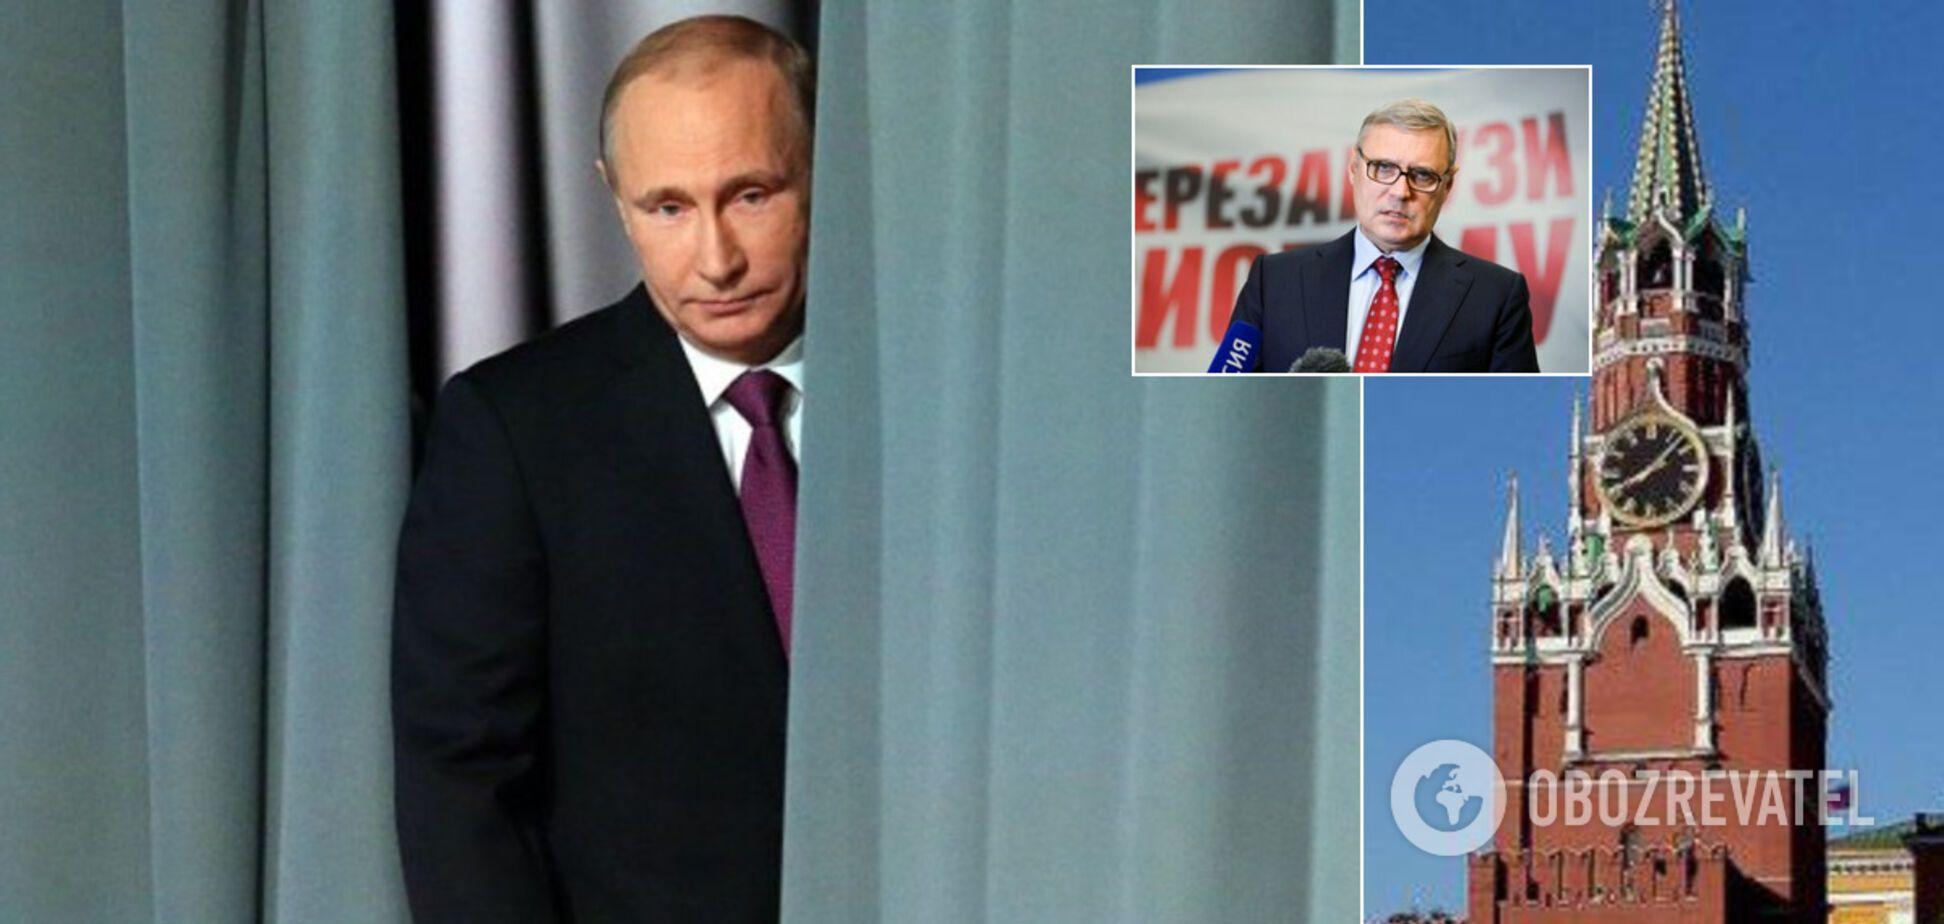 'Плани Путіна зруйновано. Це сильний удар, він переймається й не може змиритися'. Інтерв'ю з експрем'єром Росії